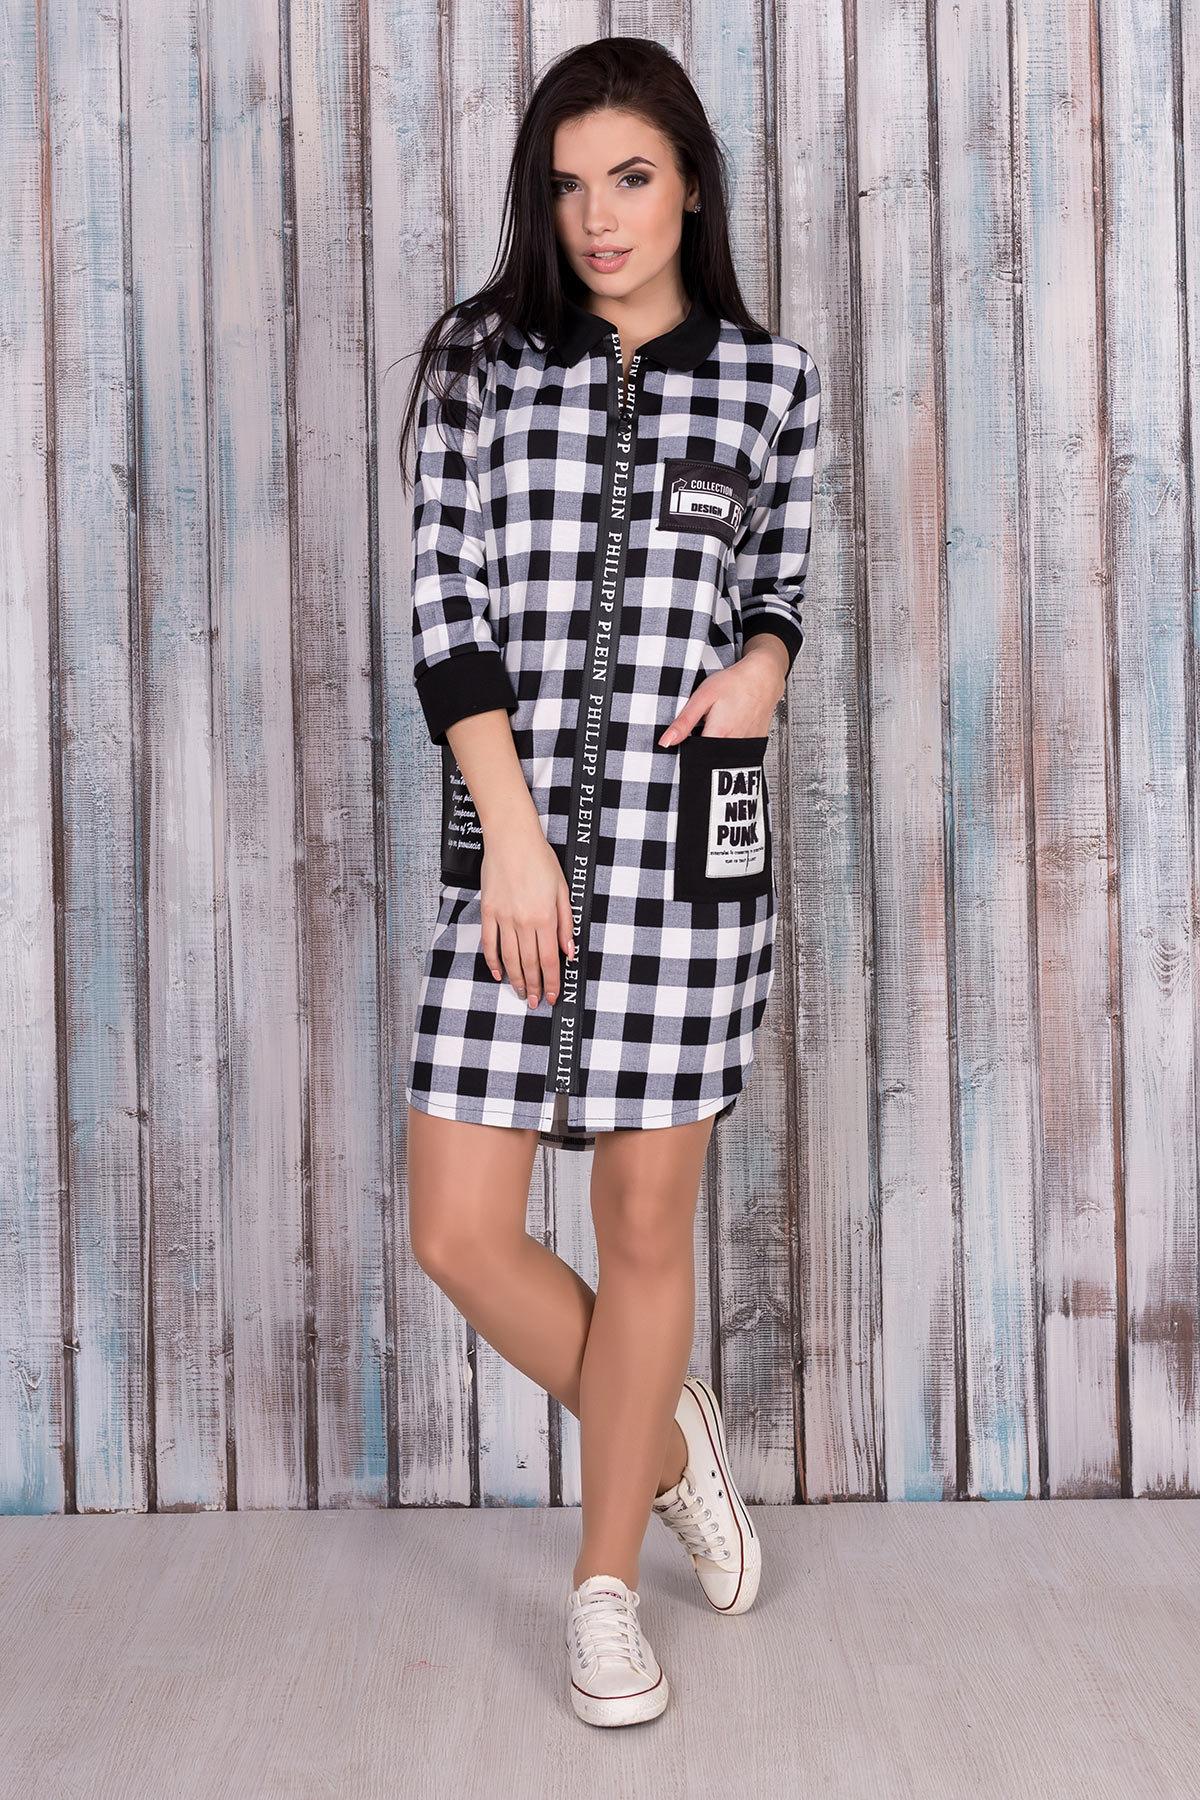 ca513ff8bea Платье-рубашка - создаем стиль под настроение